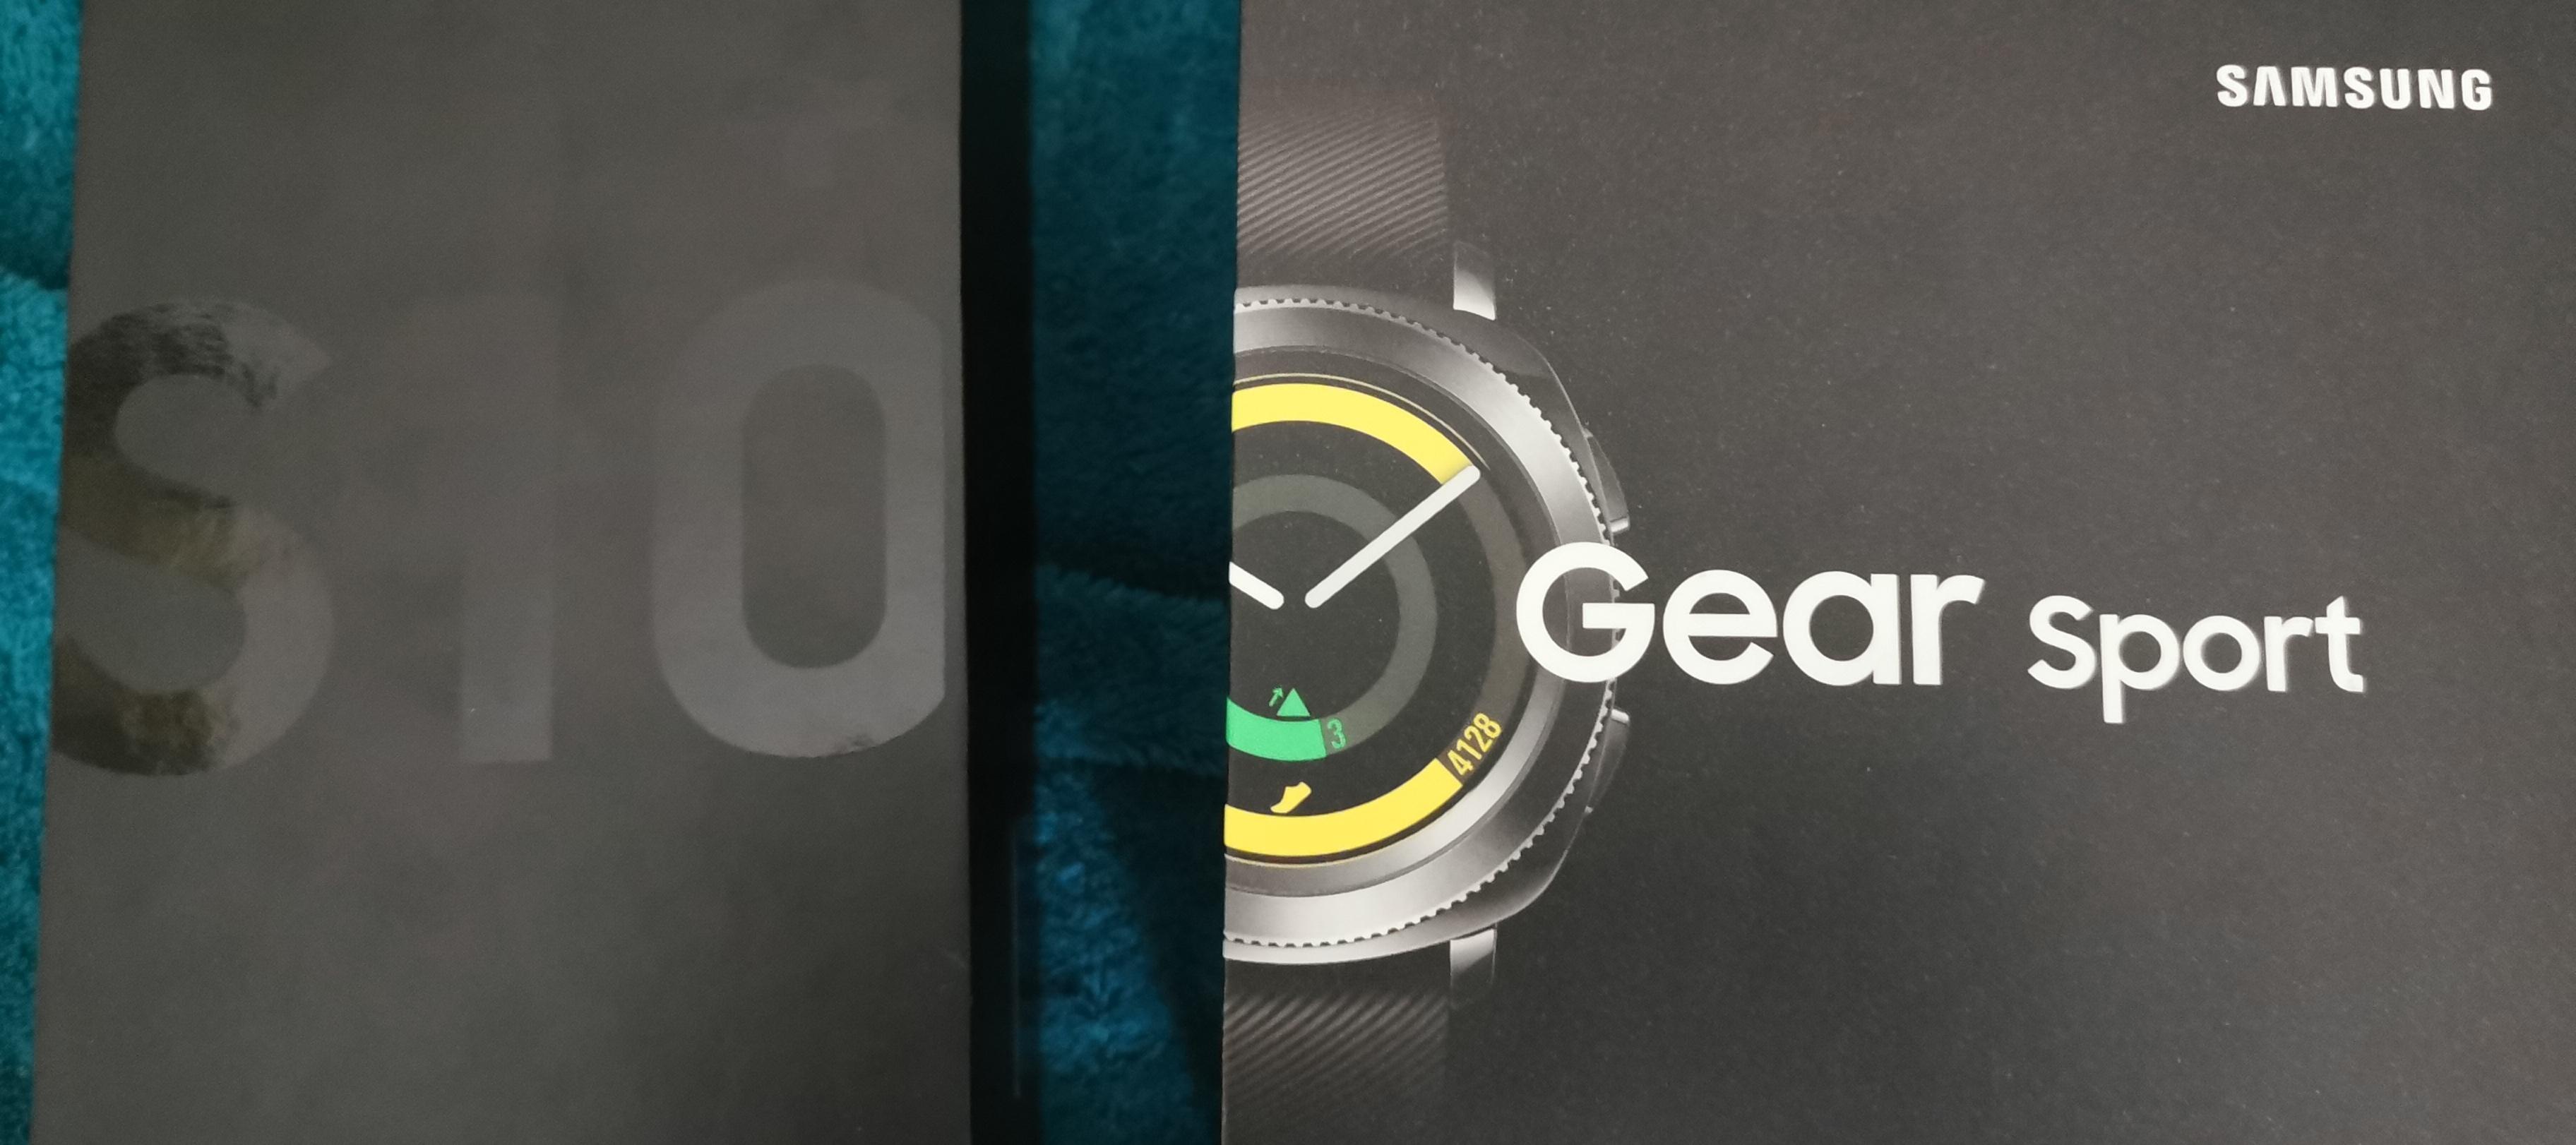 Mein Testbericht zu Samsung Galaxy S10+ und Samsung Gear Sport